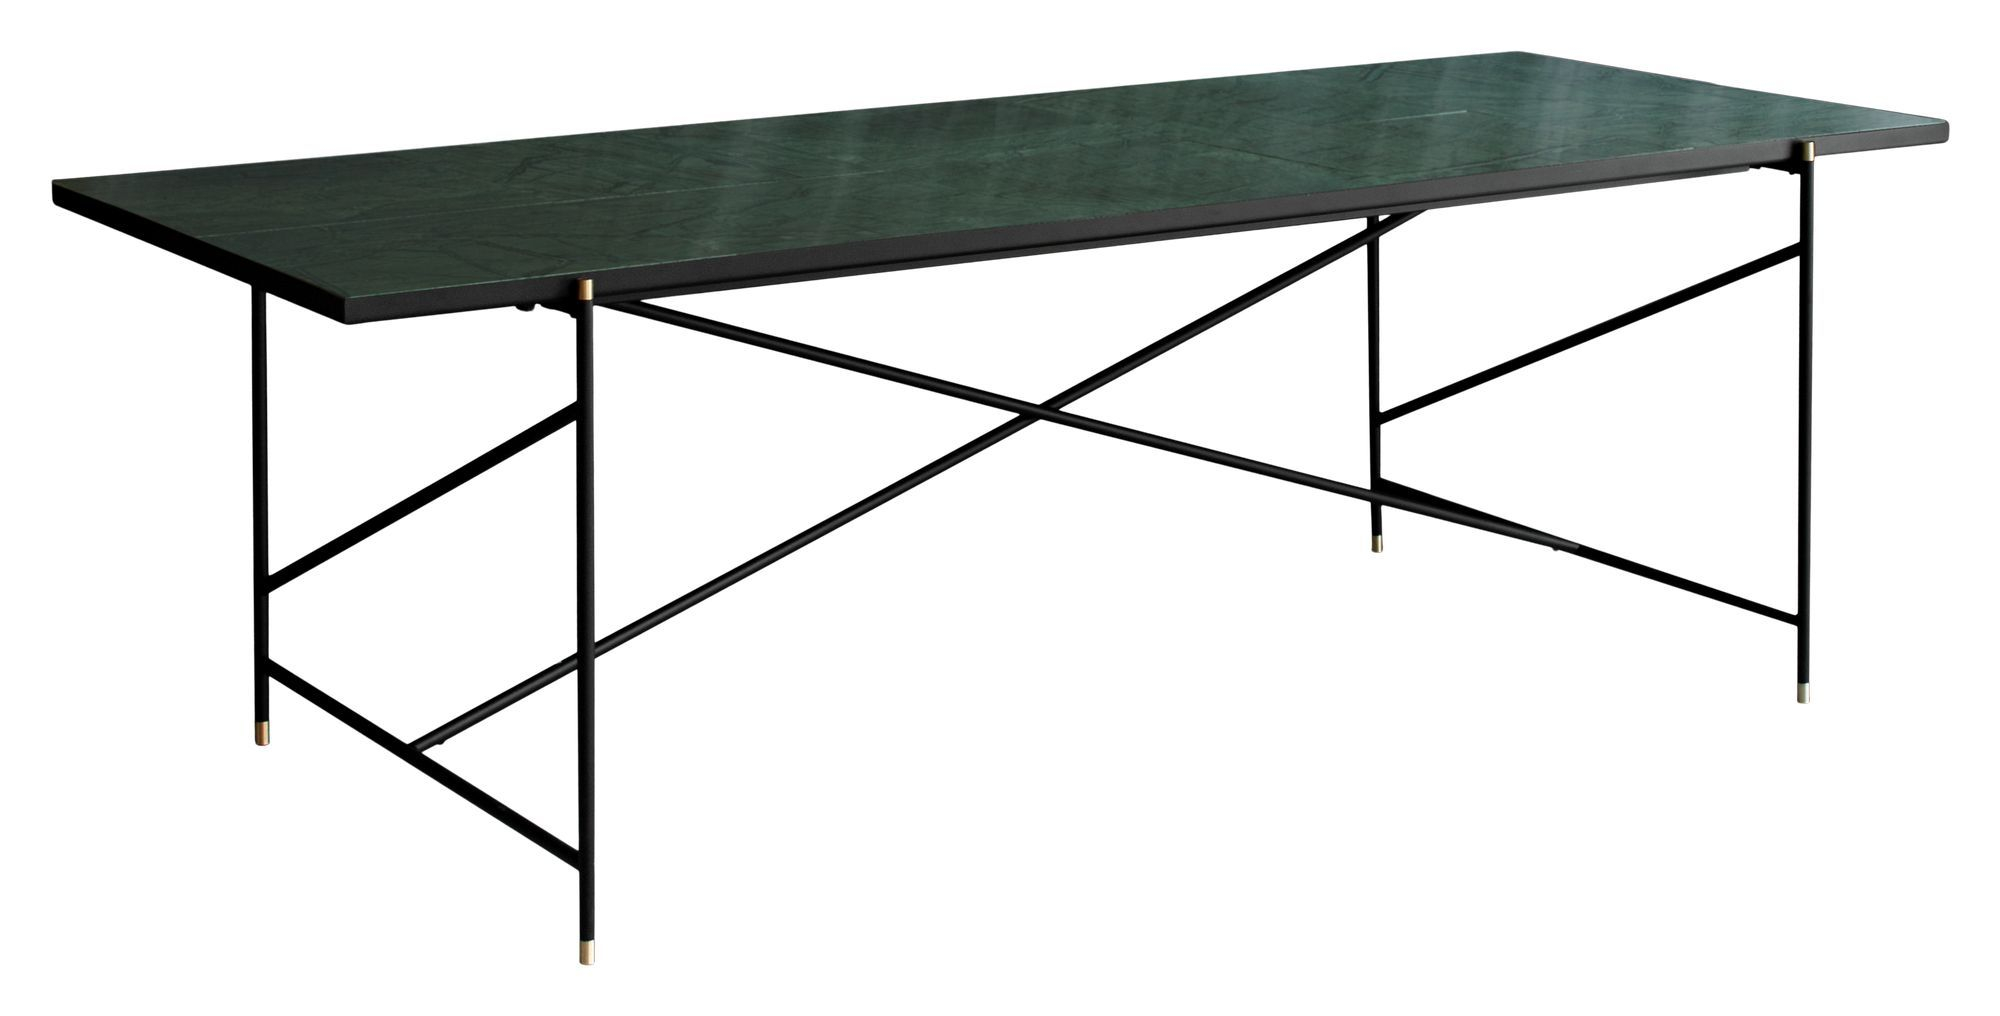 HANDVÄRK Spisebord 230x96 - Grøn Marmor, messing - Grønt spisebord med messing